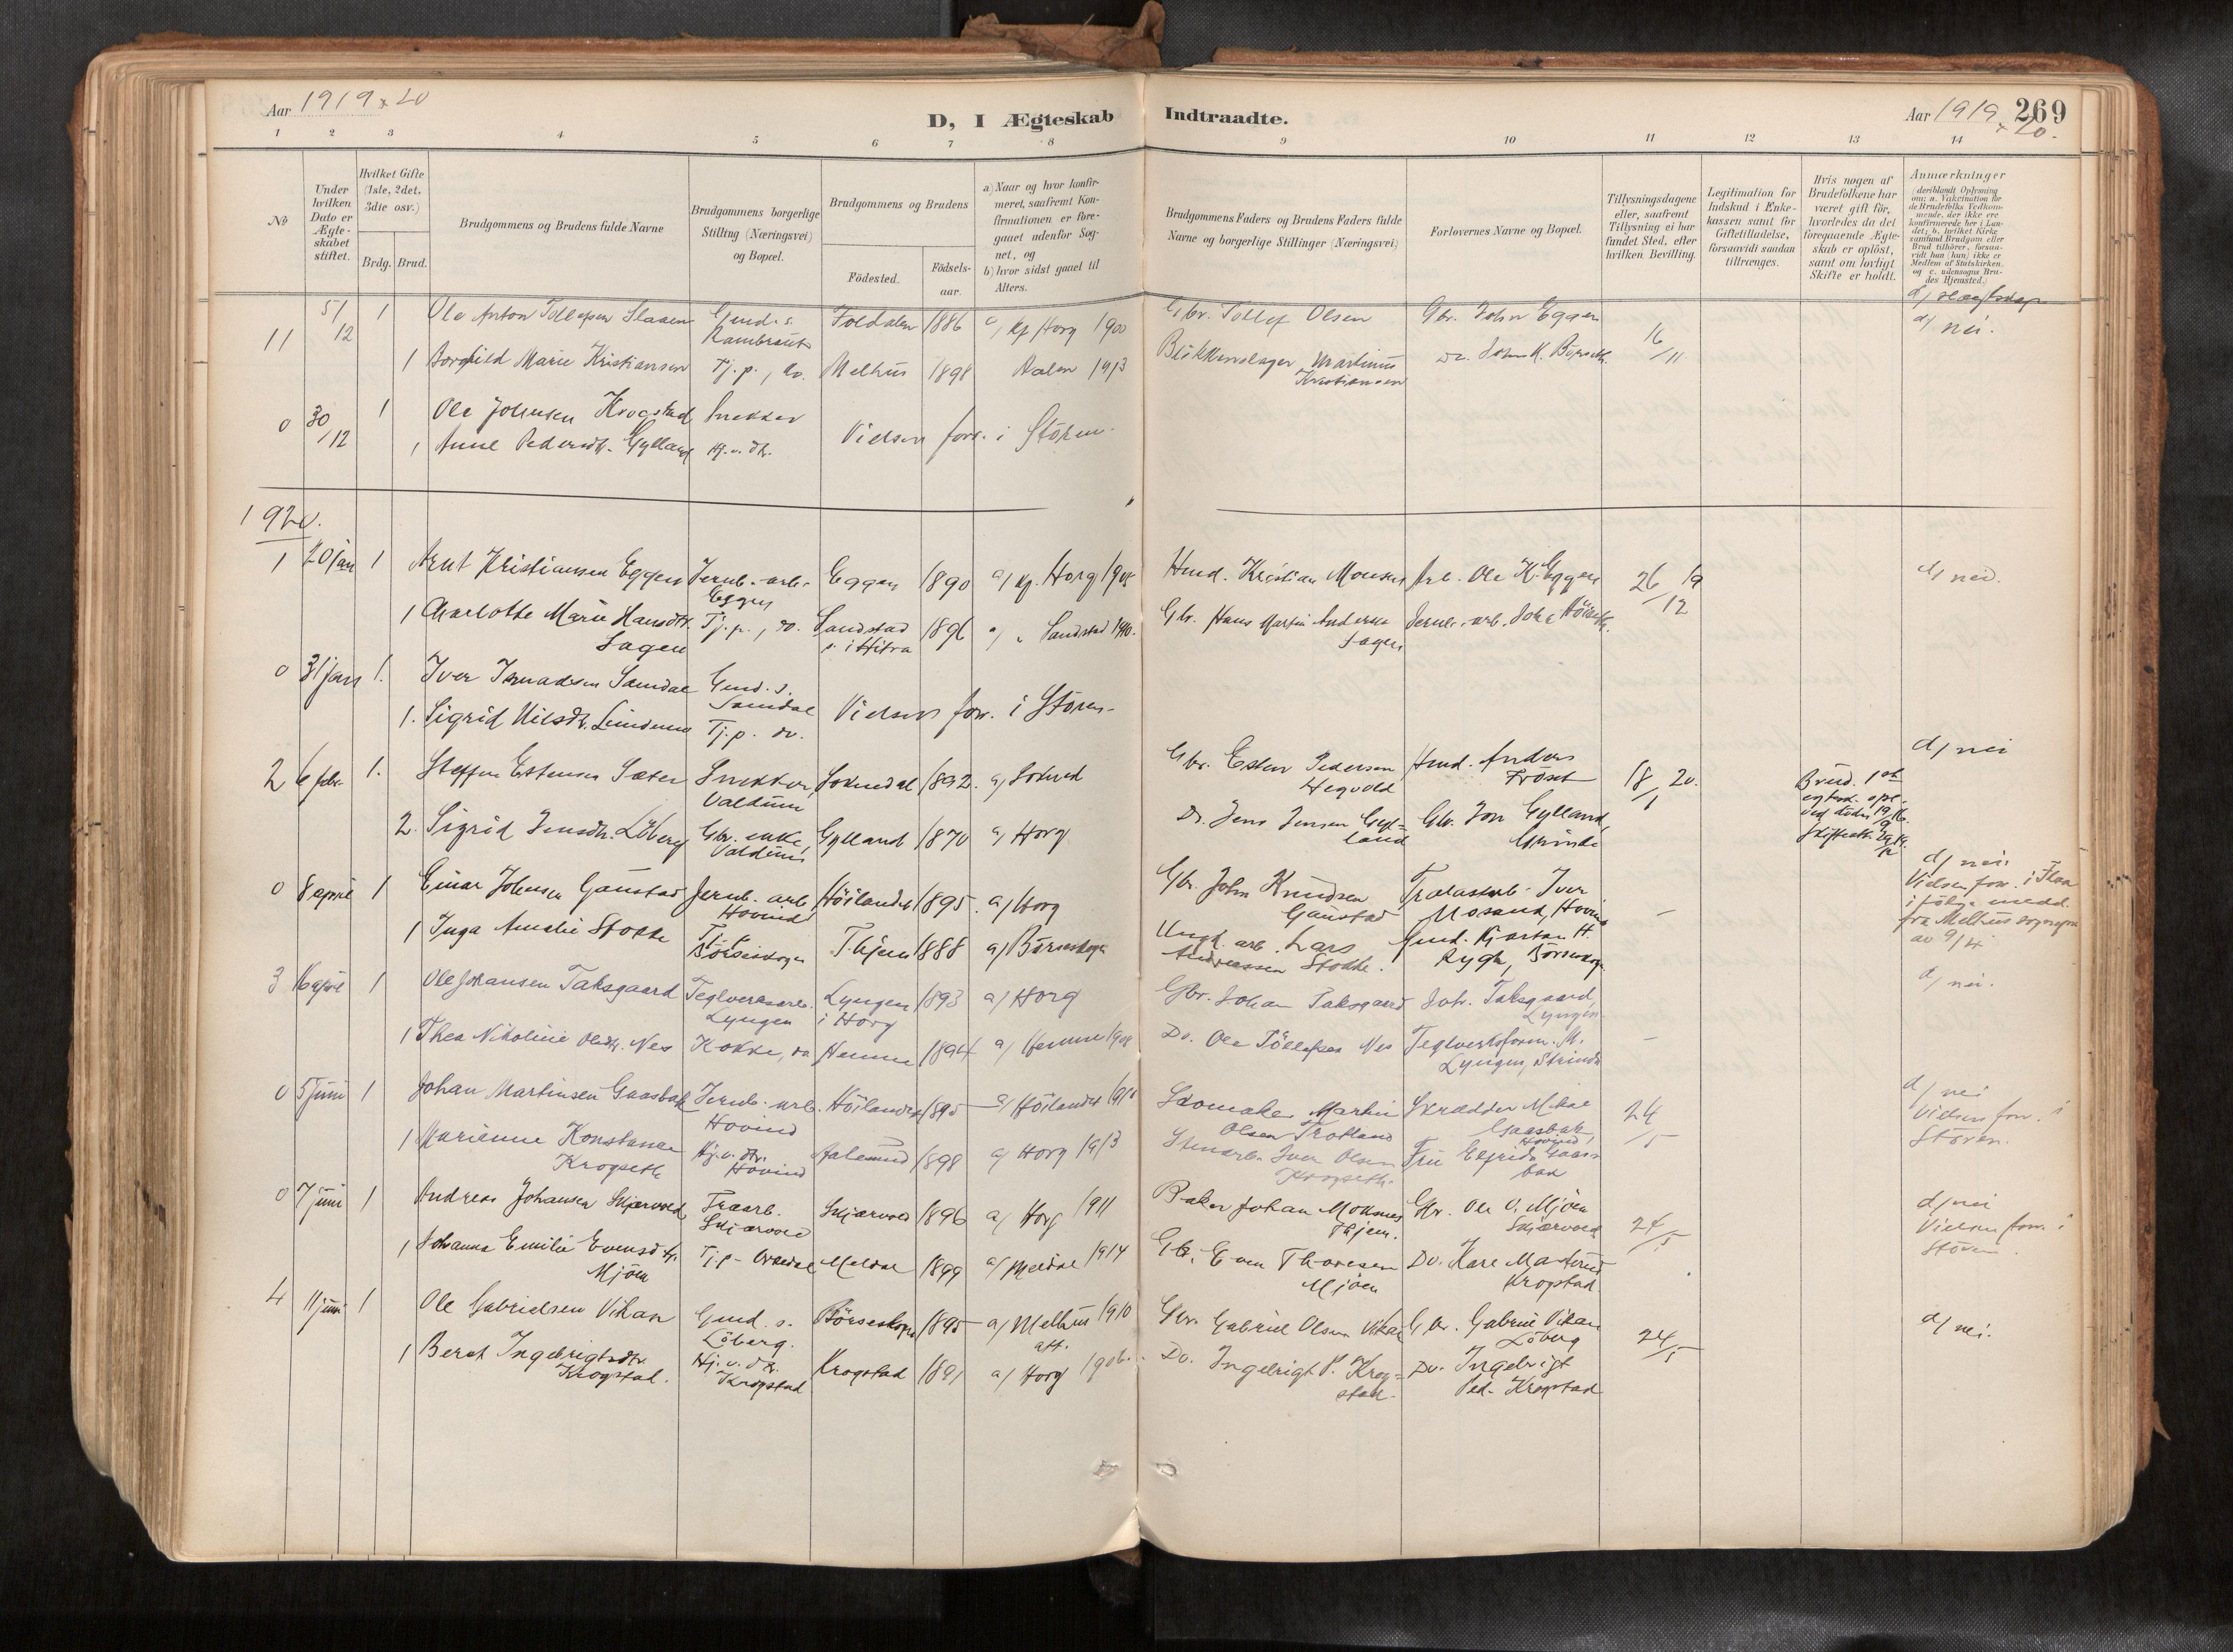 SAT, Ministerialprotokoller, klokkerbøker og fødselsregistre - Sør-Trøndelag, 692/L1105b: Ministerialbok nr. 692A06, 1891-1934, s. 269